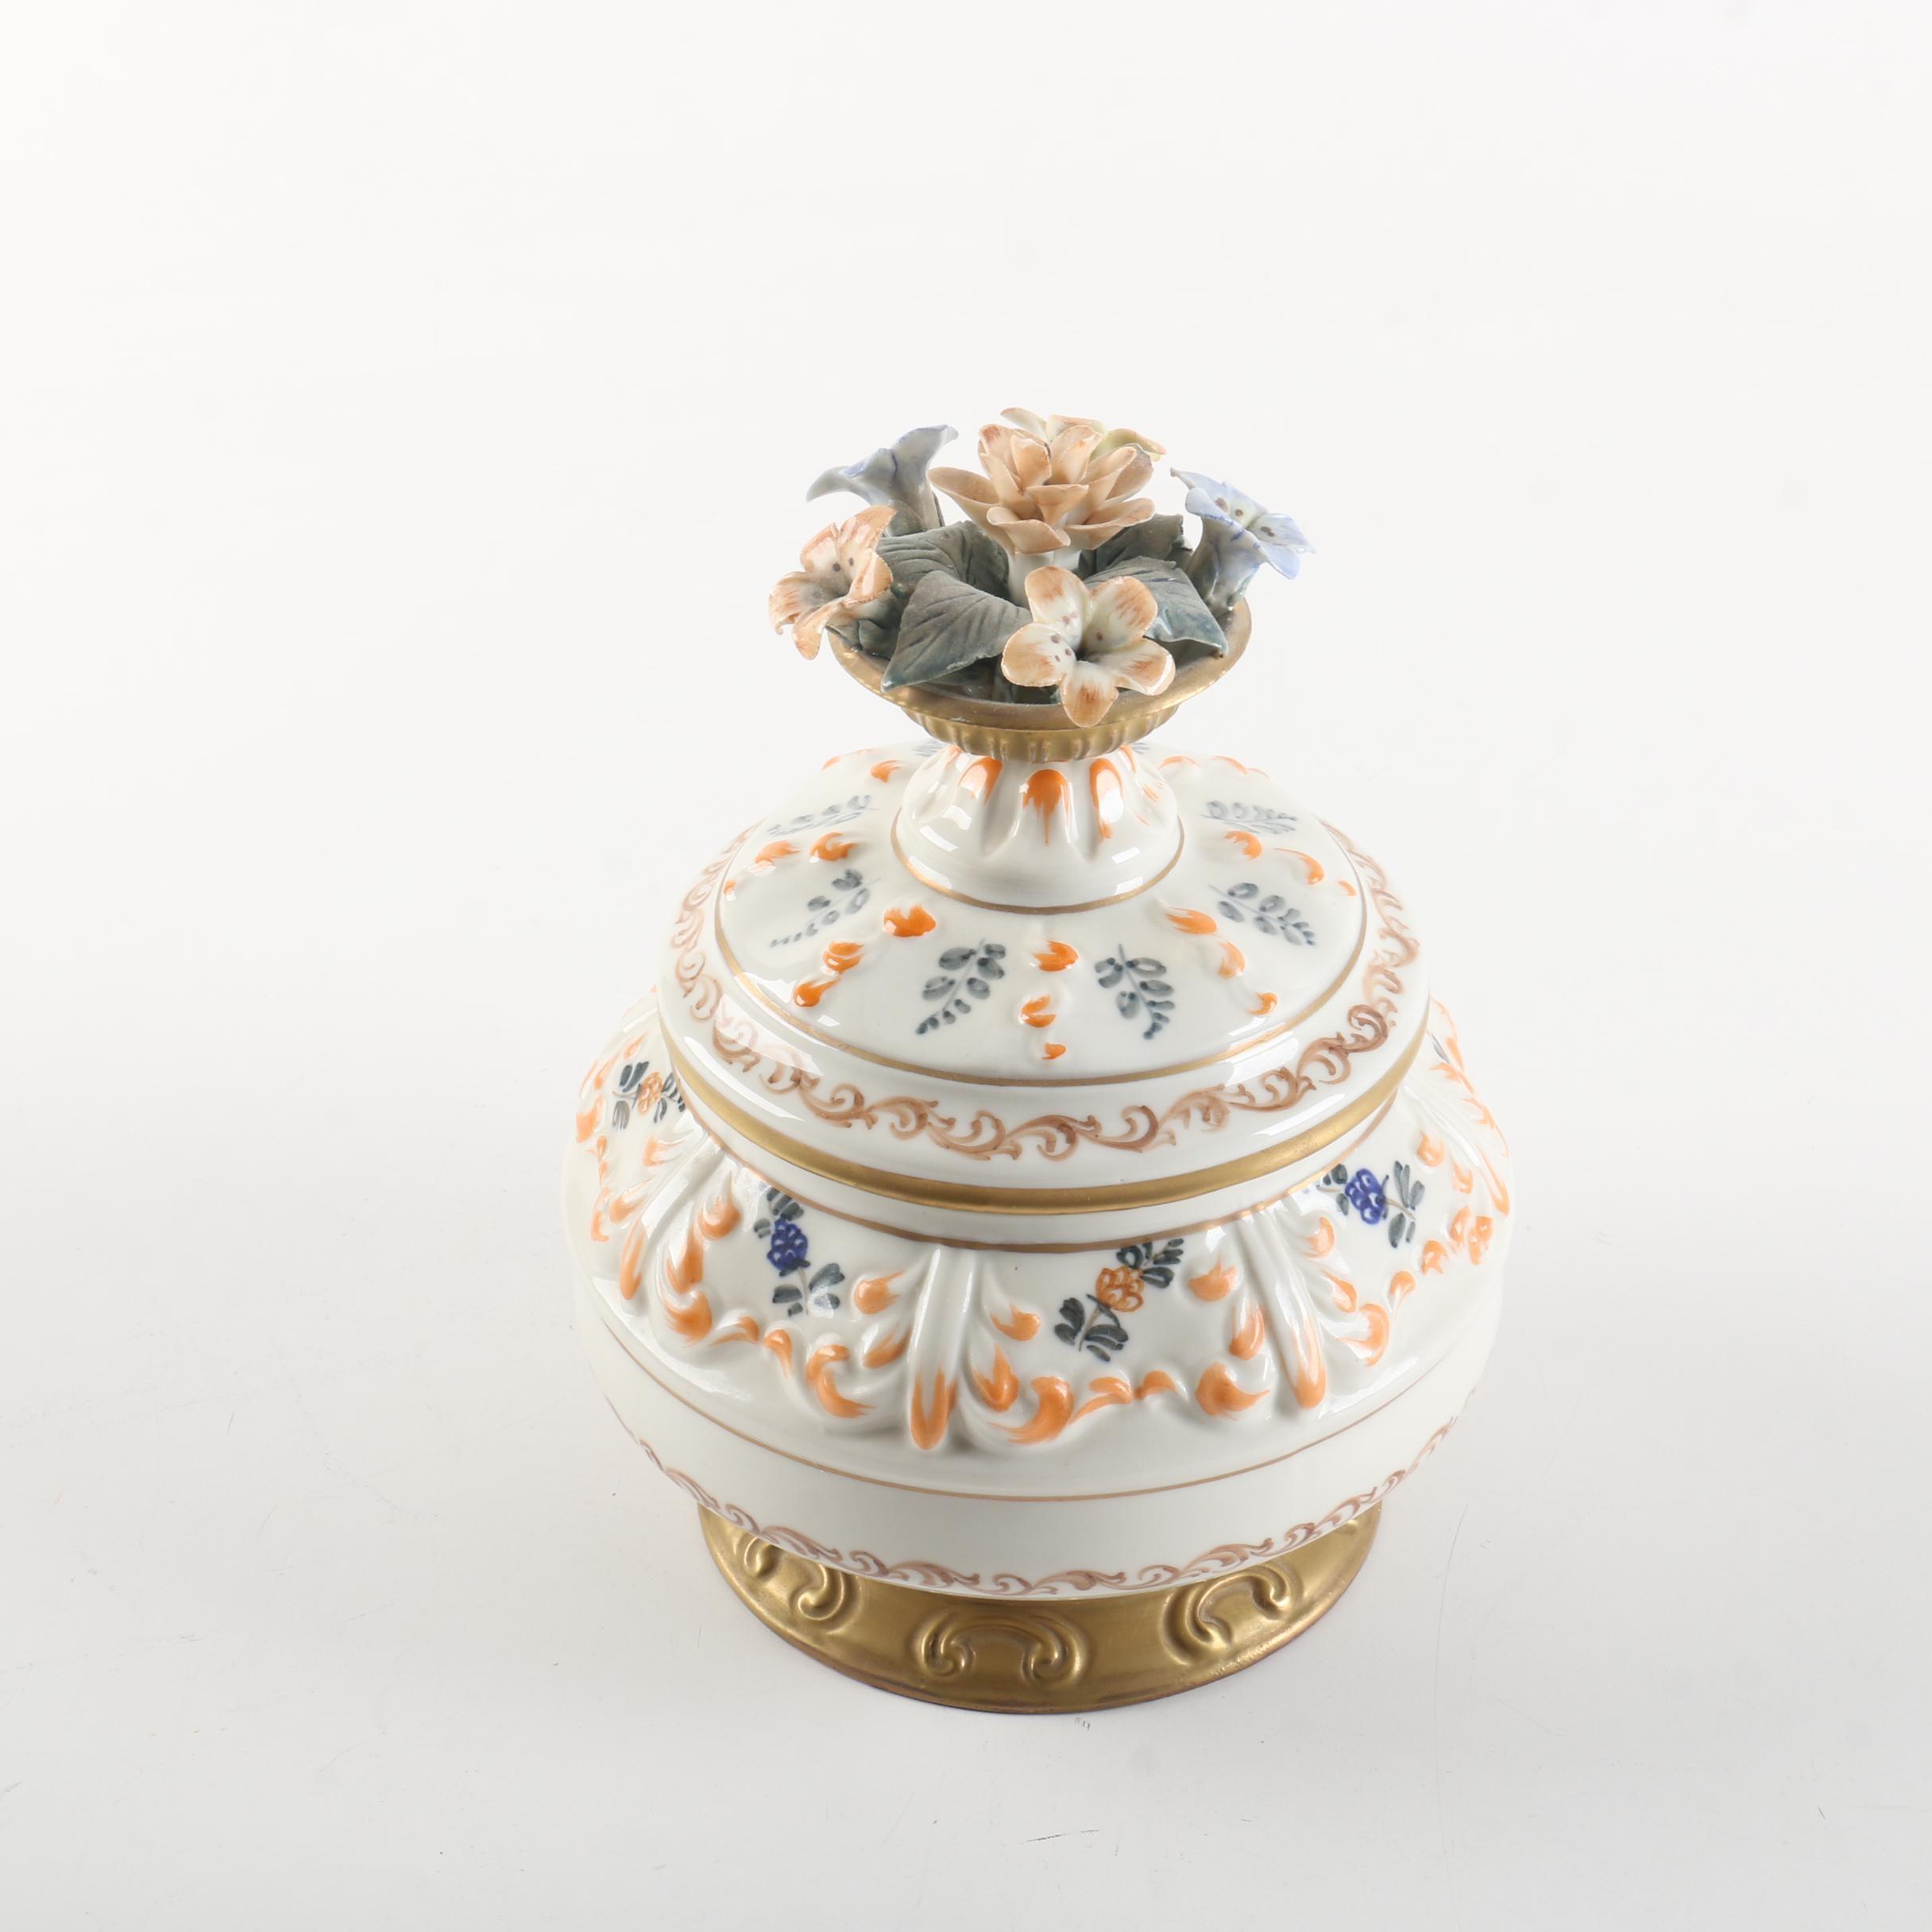 French Porcelain Lidded Bowl